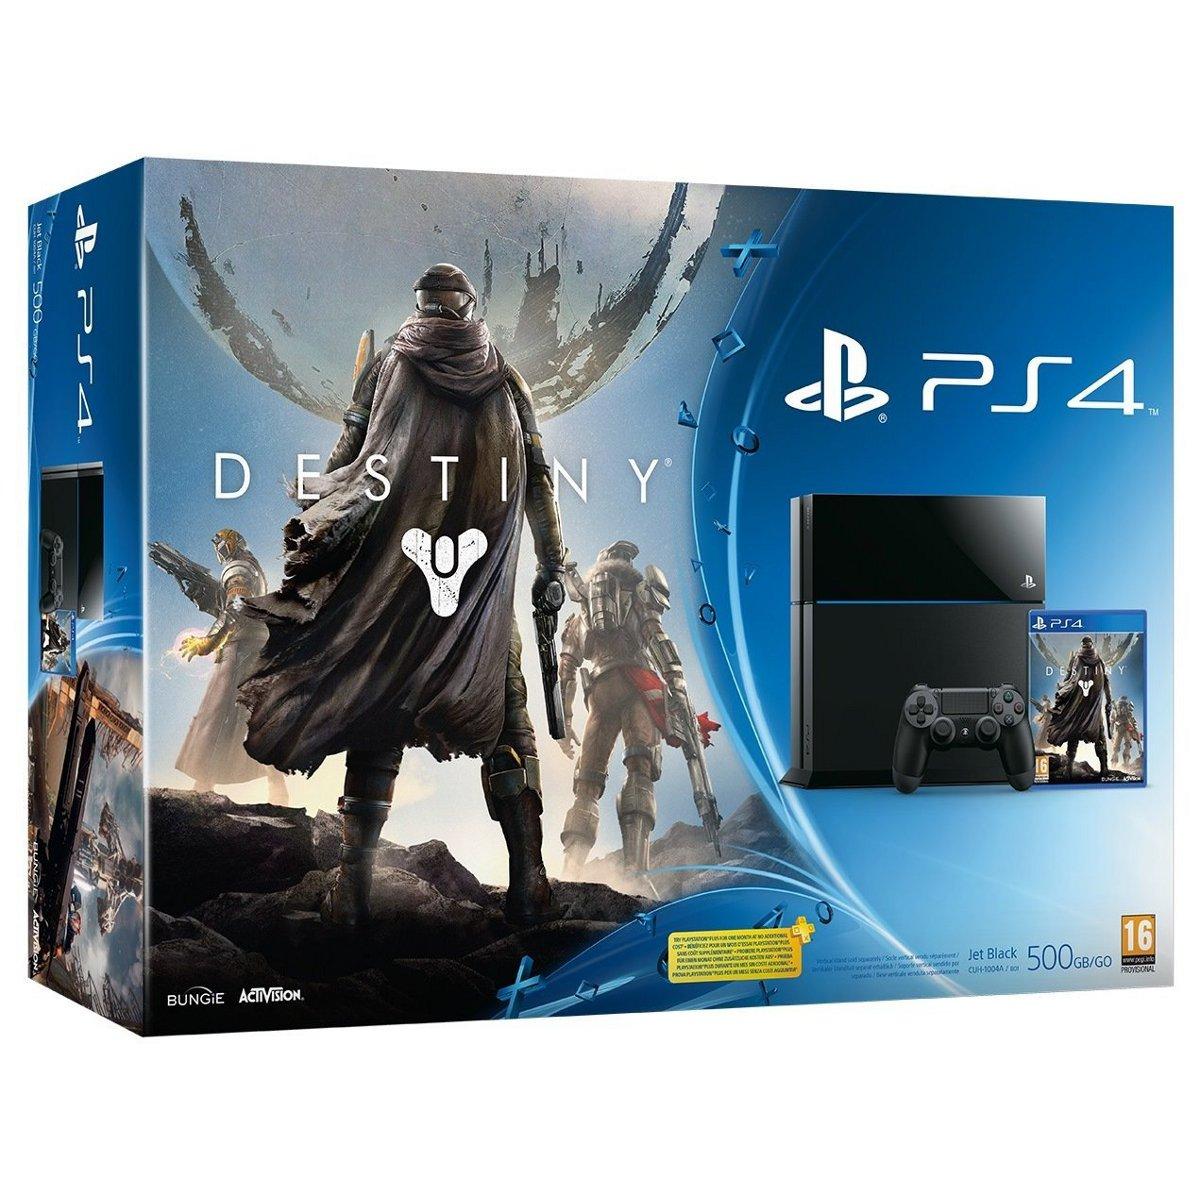 Console PS4 Sony PlayStation 4 + Destiny Console de jeux-vidéo nouvelle génération avec disque dur 500 Go + jeu